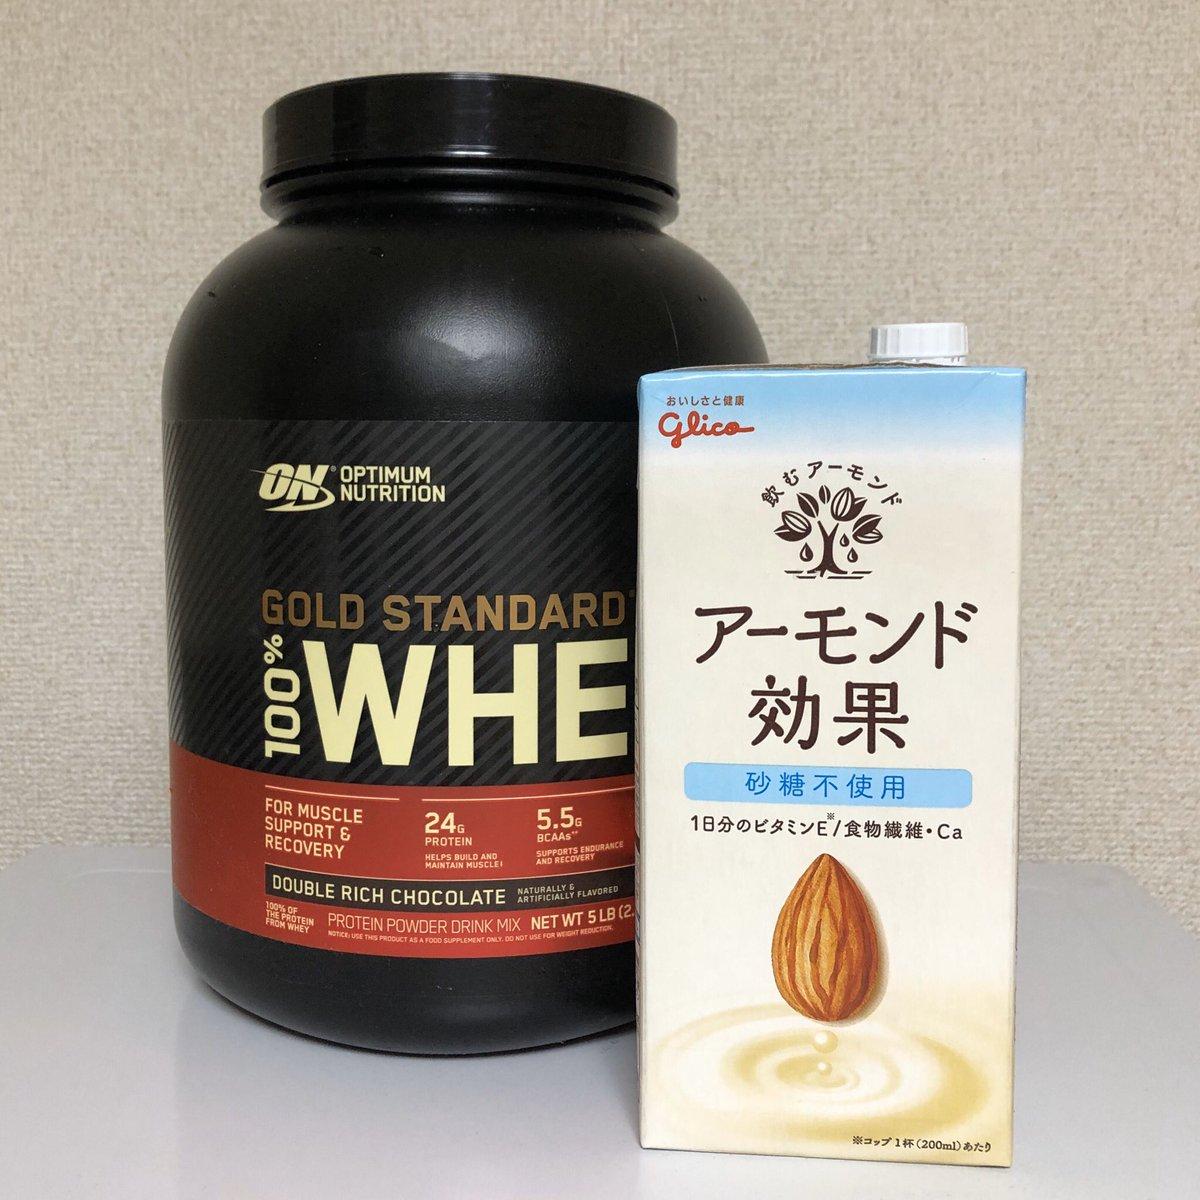 カロリー アーモンド ミルク アーモンドミルクのおすすめ12選!オーガニックや砂糖不使用も